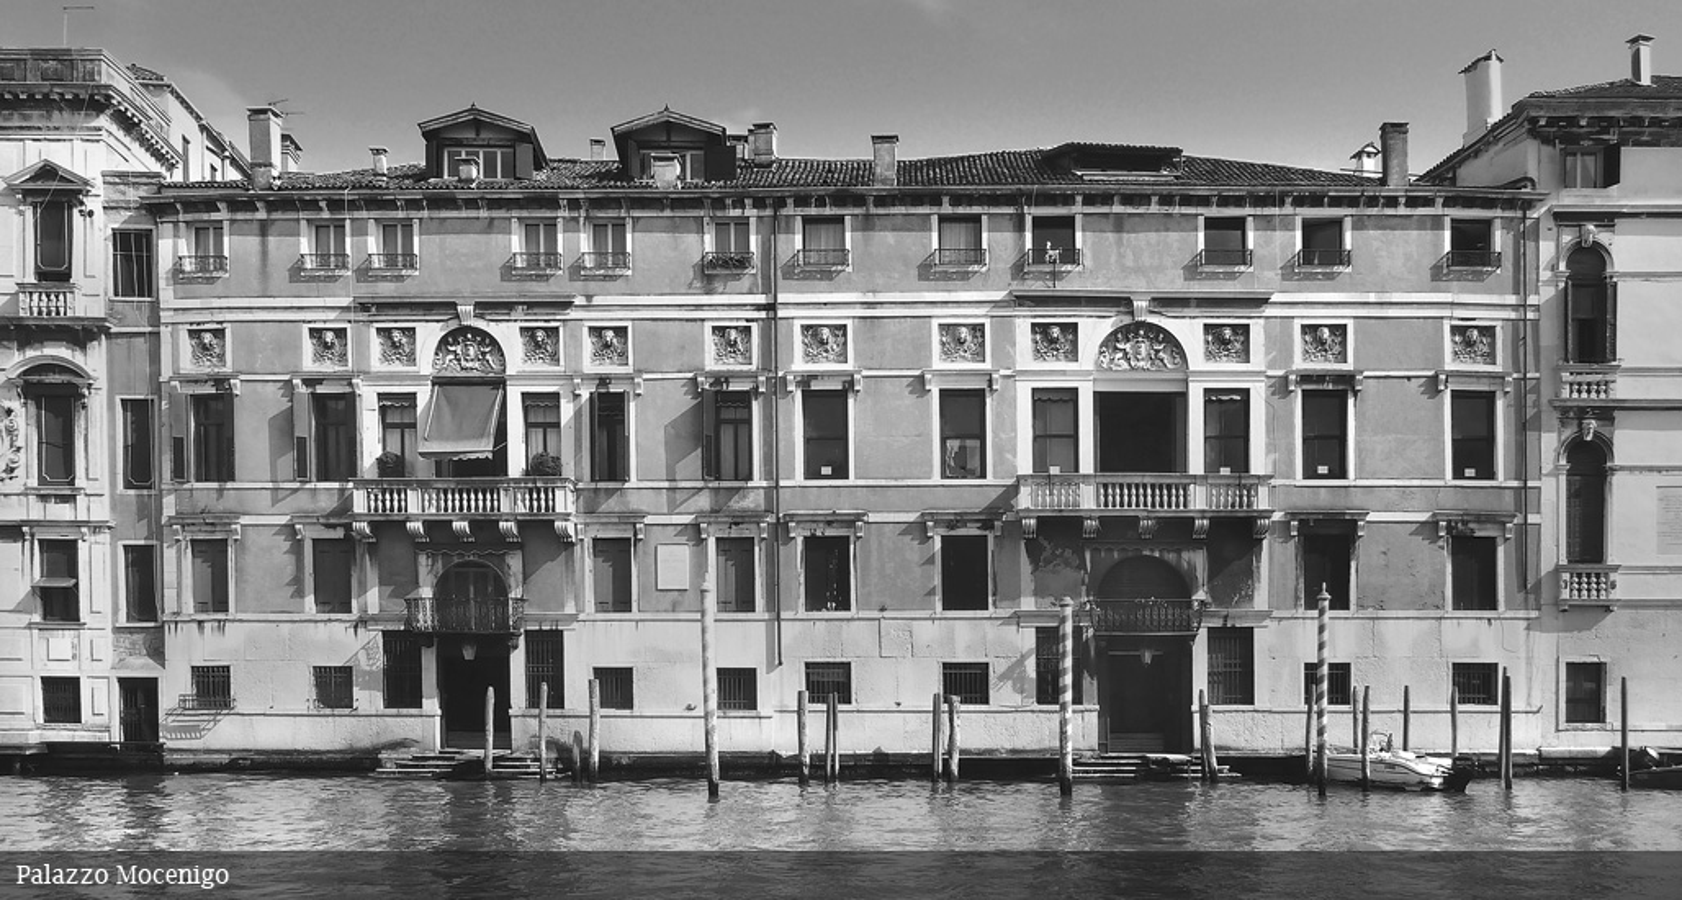 canal grande di venezia catalogo illustrato palazzo